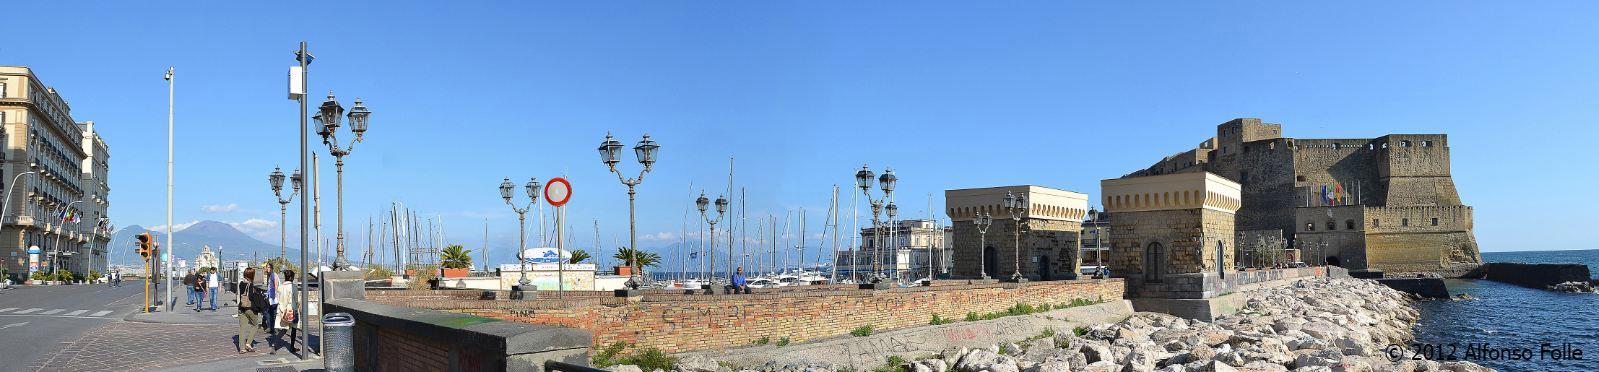 Via Caracciolo - Napoli